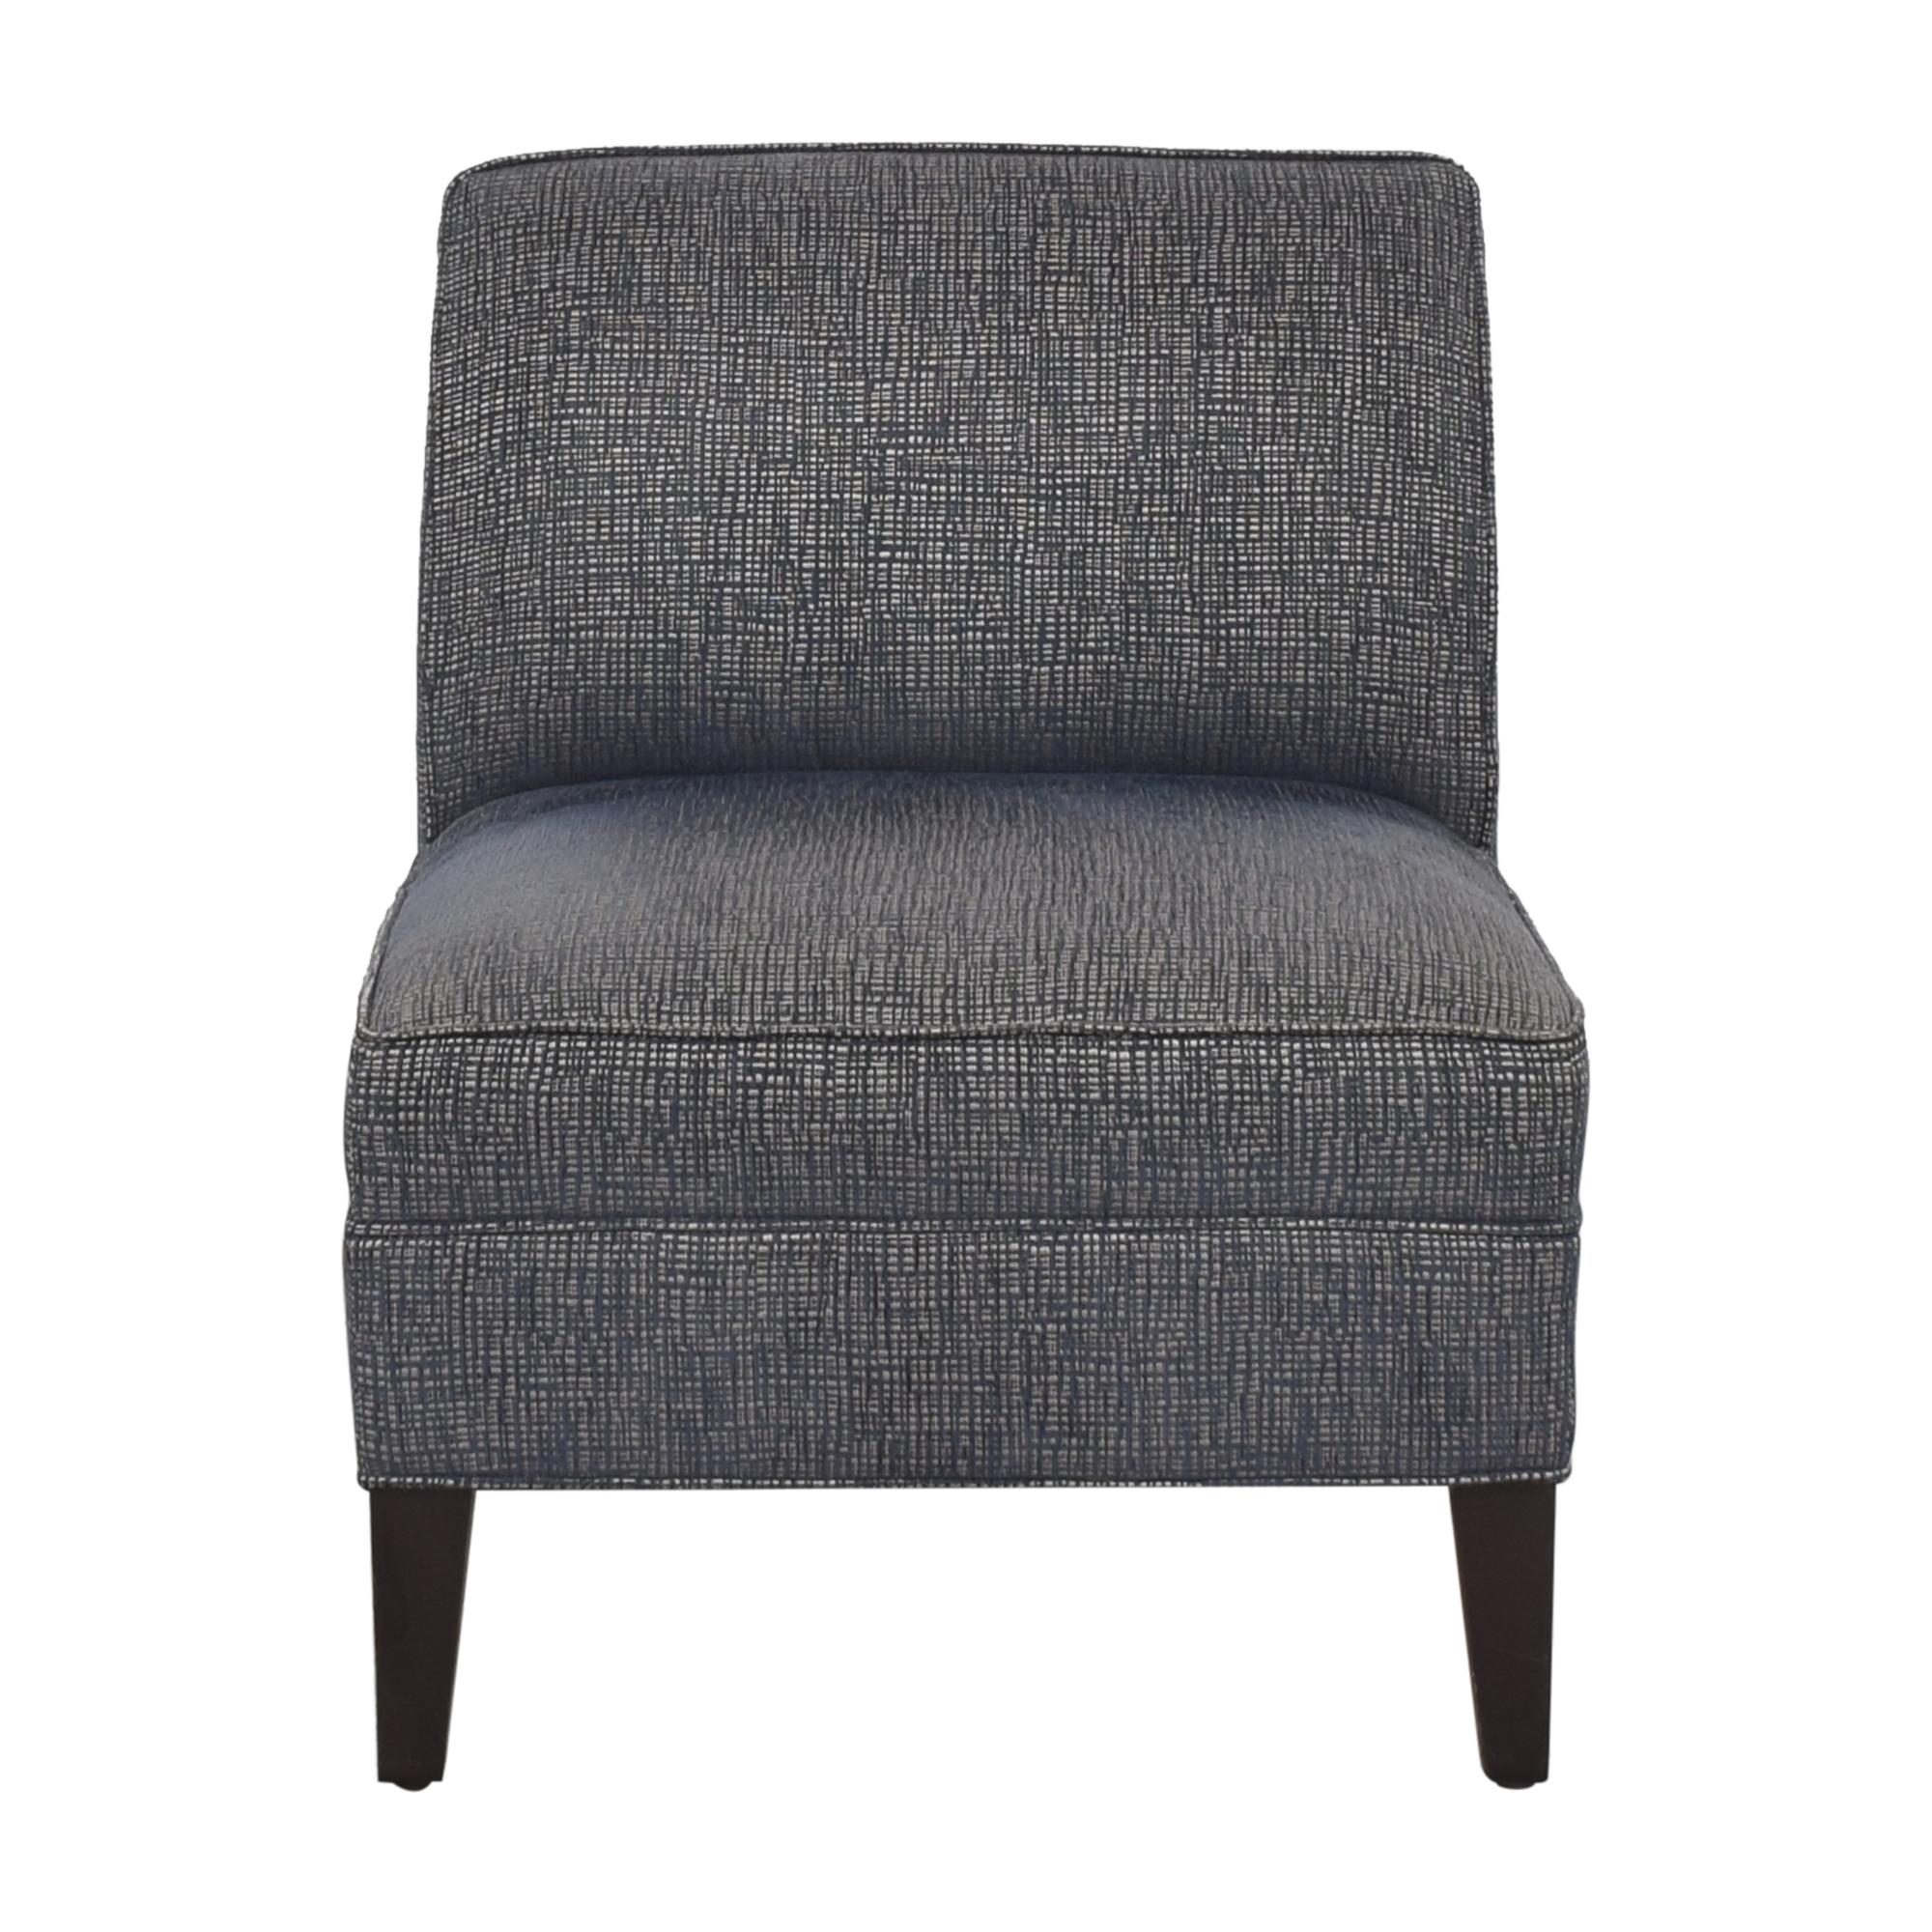 shop Ethan Allen Slipper Chair Ethan Allen Chairs